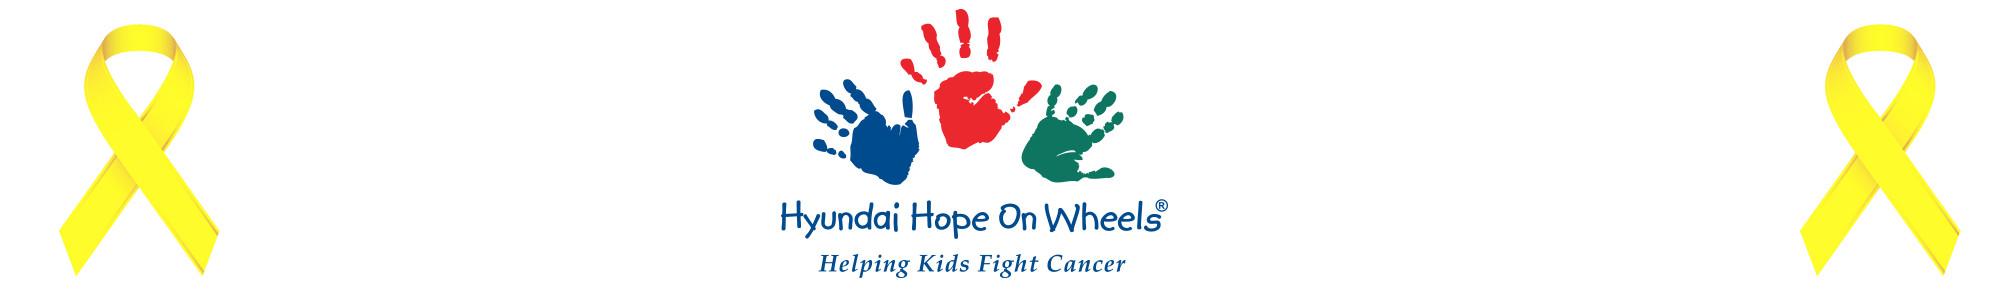 Hyundai Hope On Wheels®